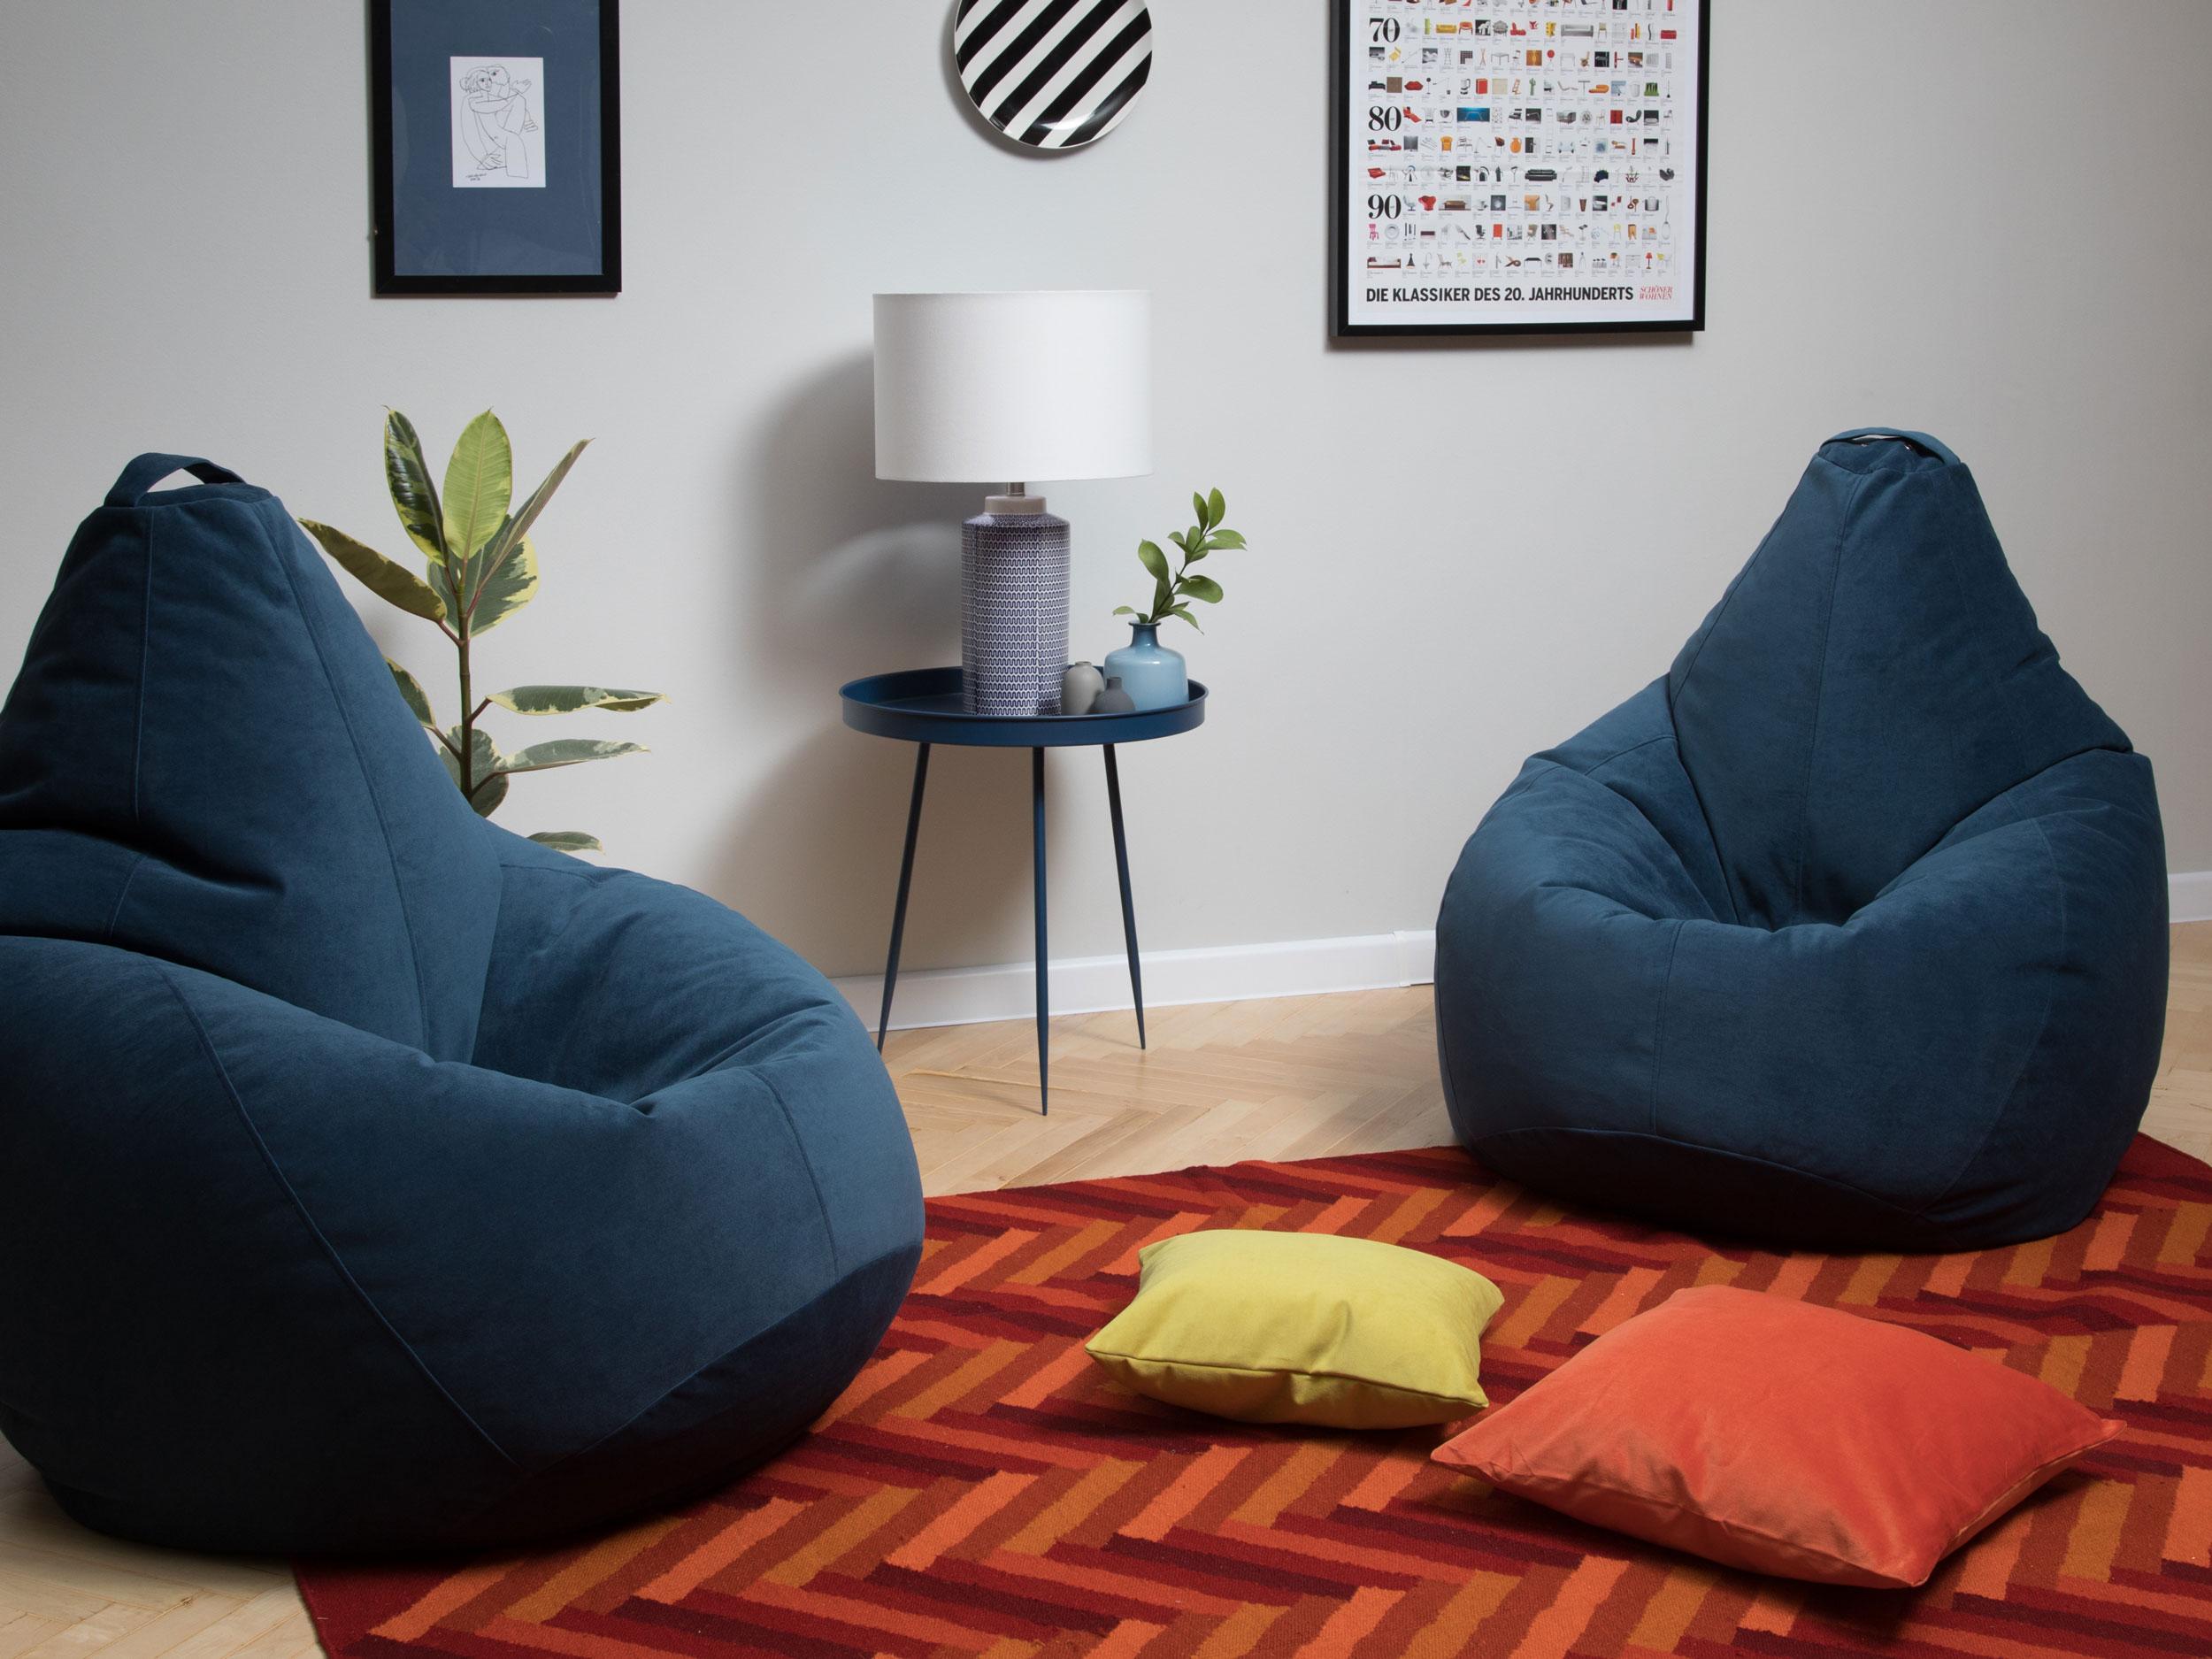 Кресла мешки от компании SanchoBag - оригинальная деталь интерьера